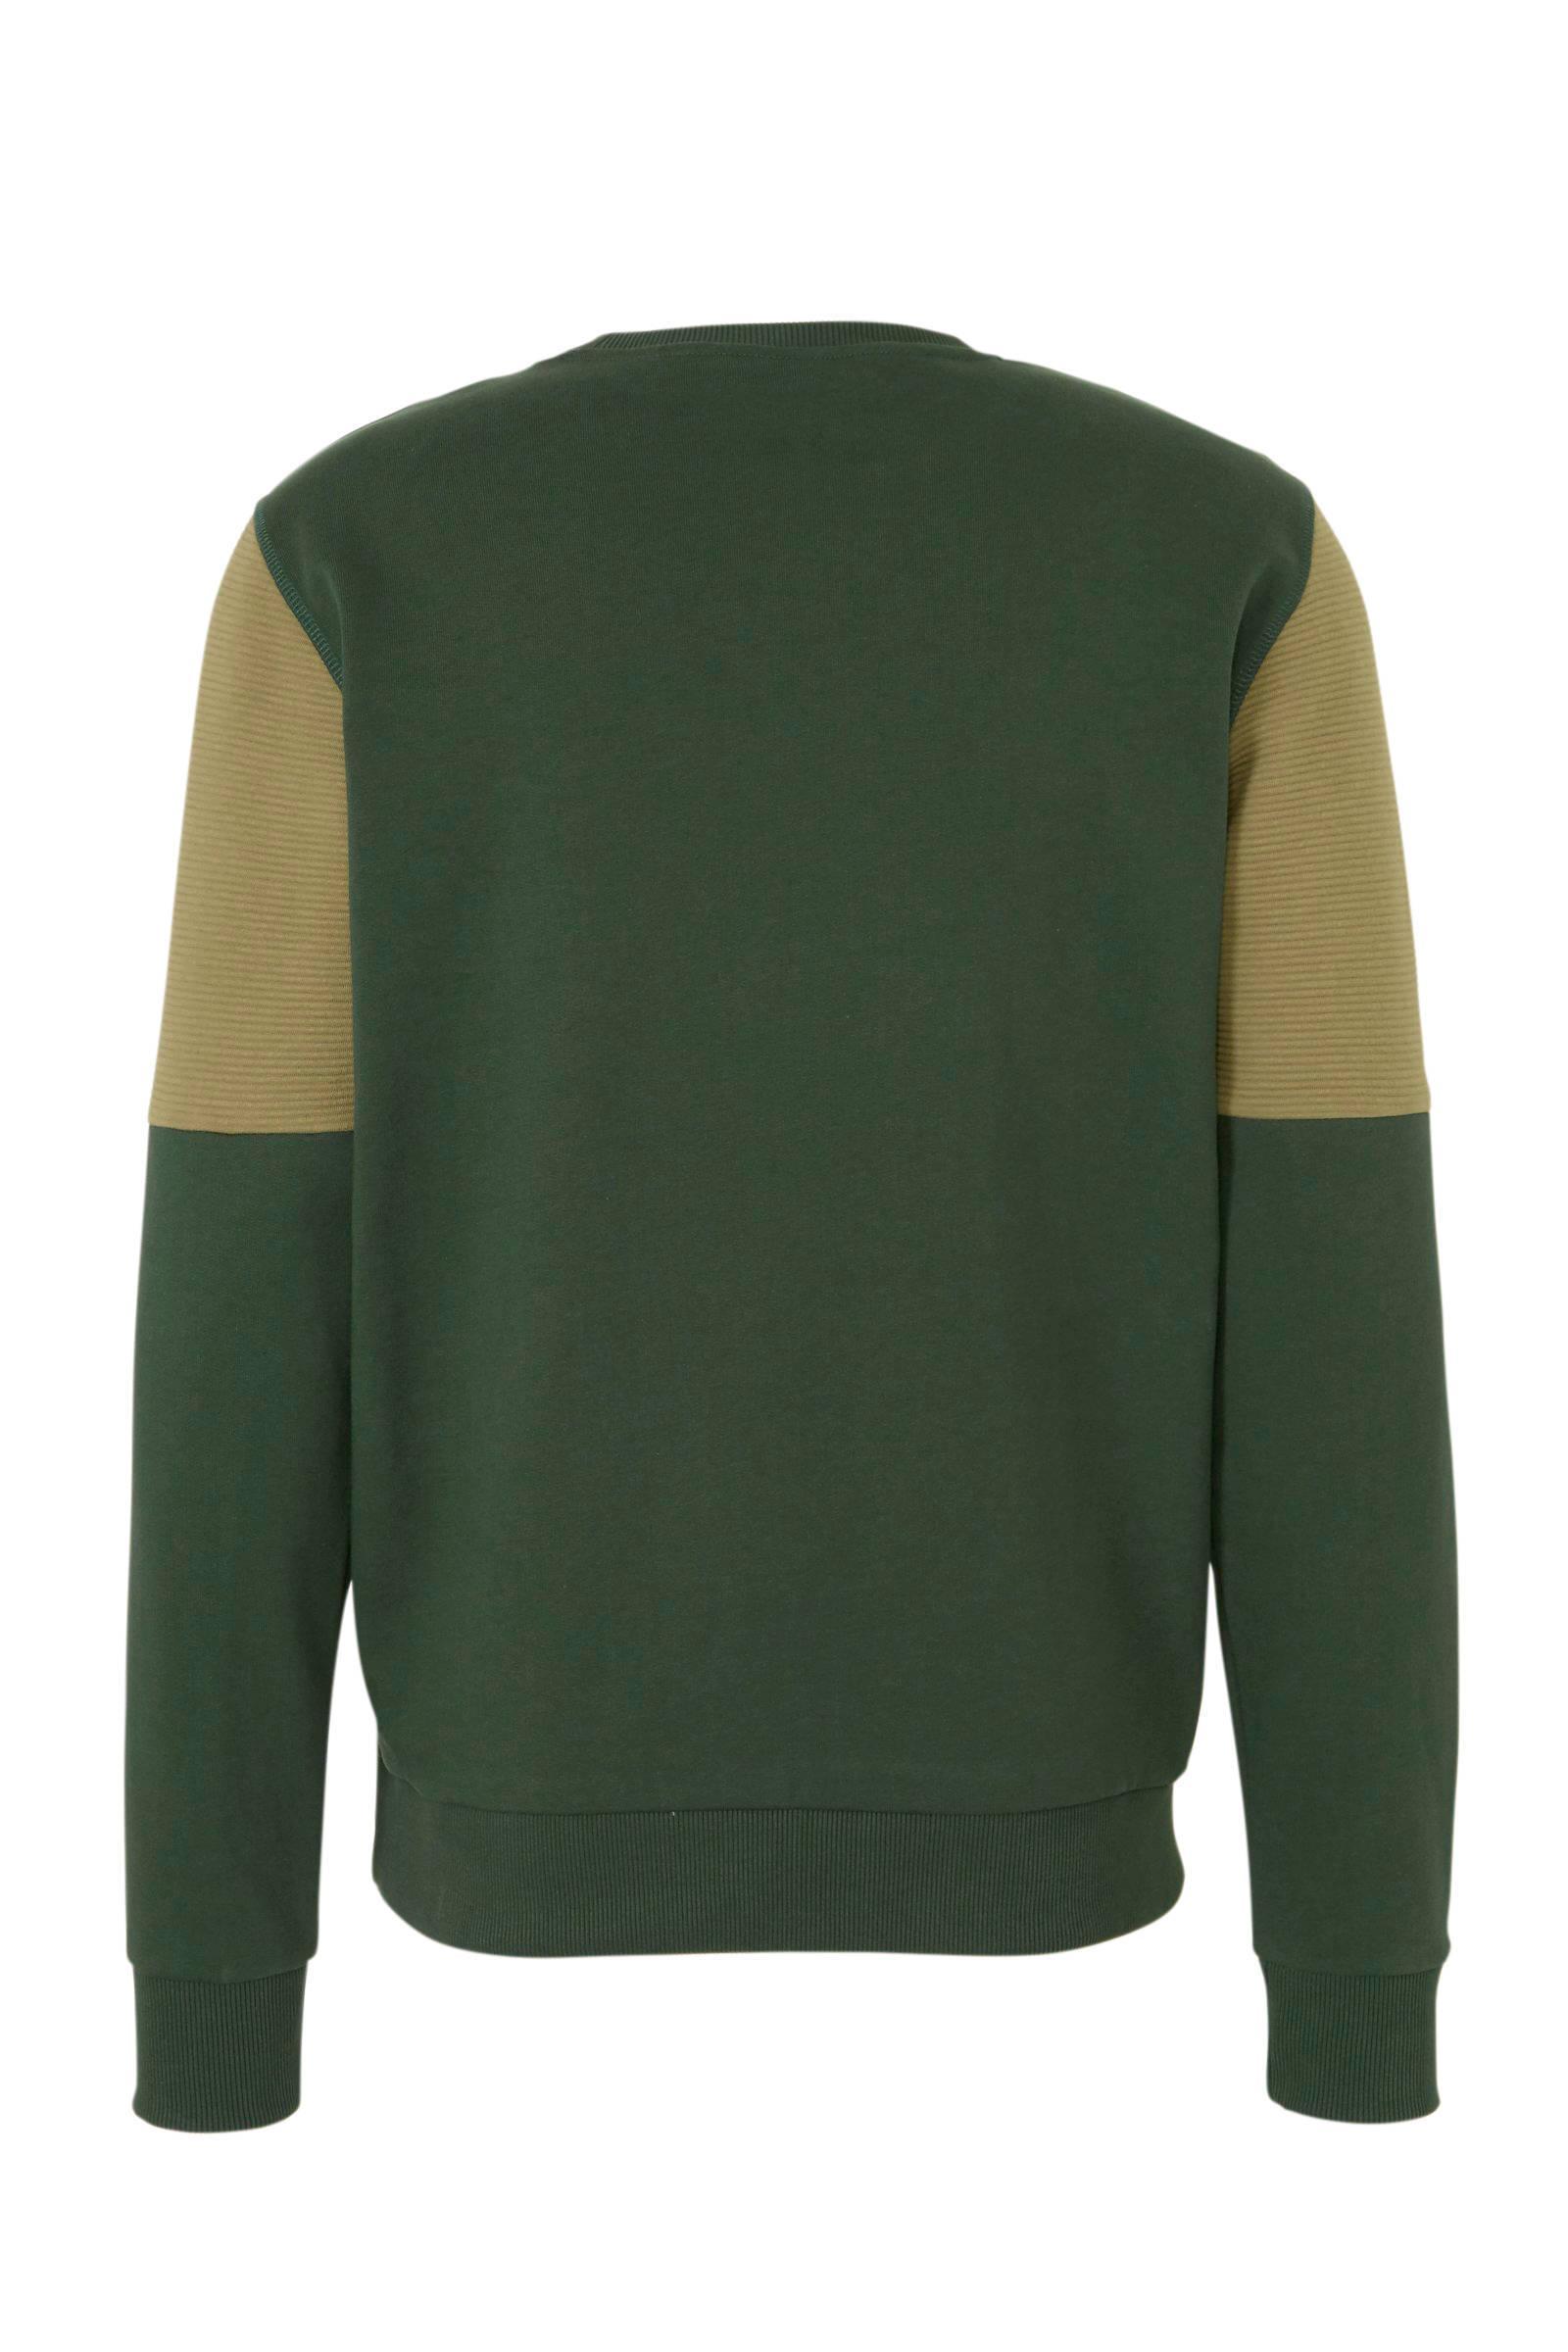 Kultivate Sweater Groen in het Groen voor heren